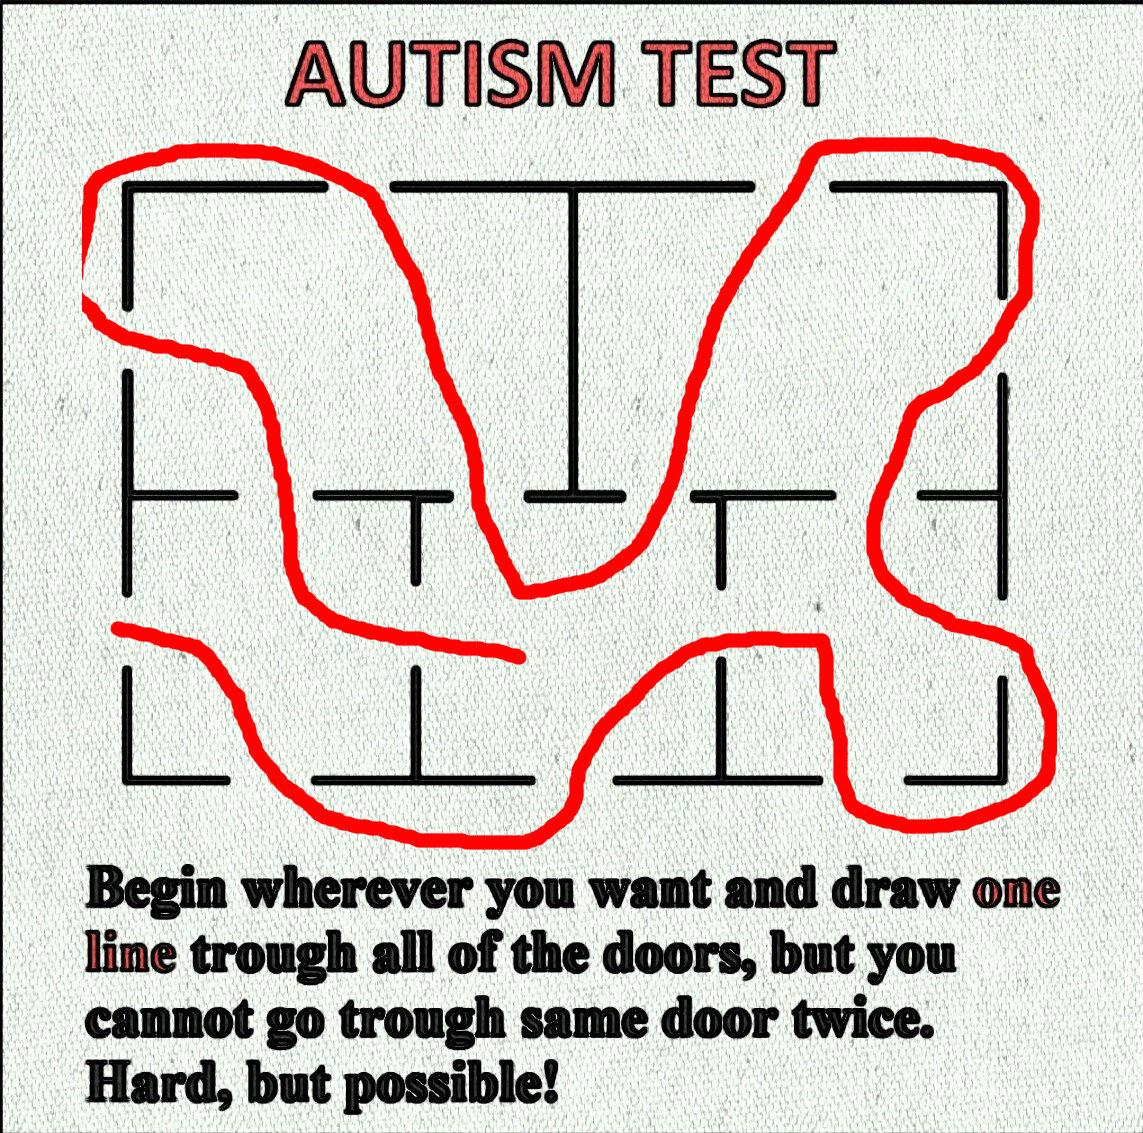 Autism adult test